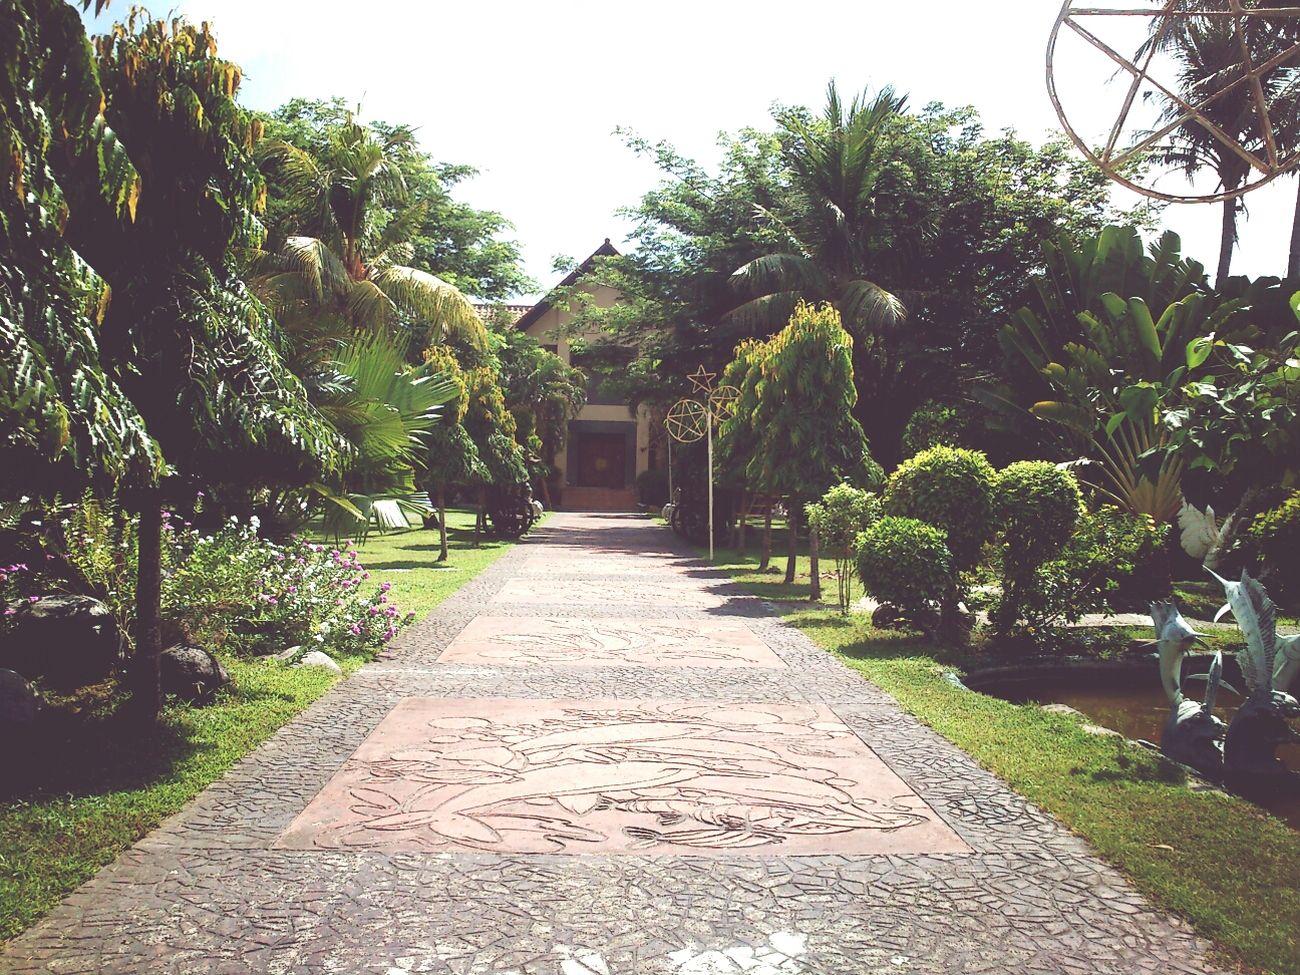 050815 Sumpaguita Garden Kalibo Aklan